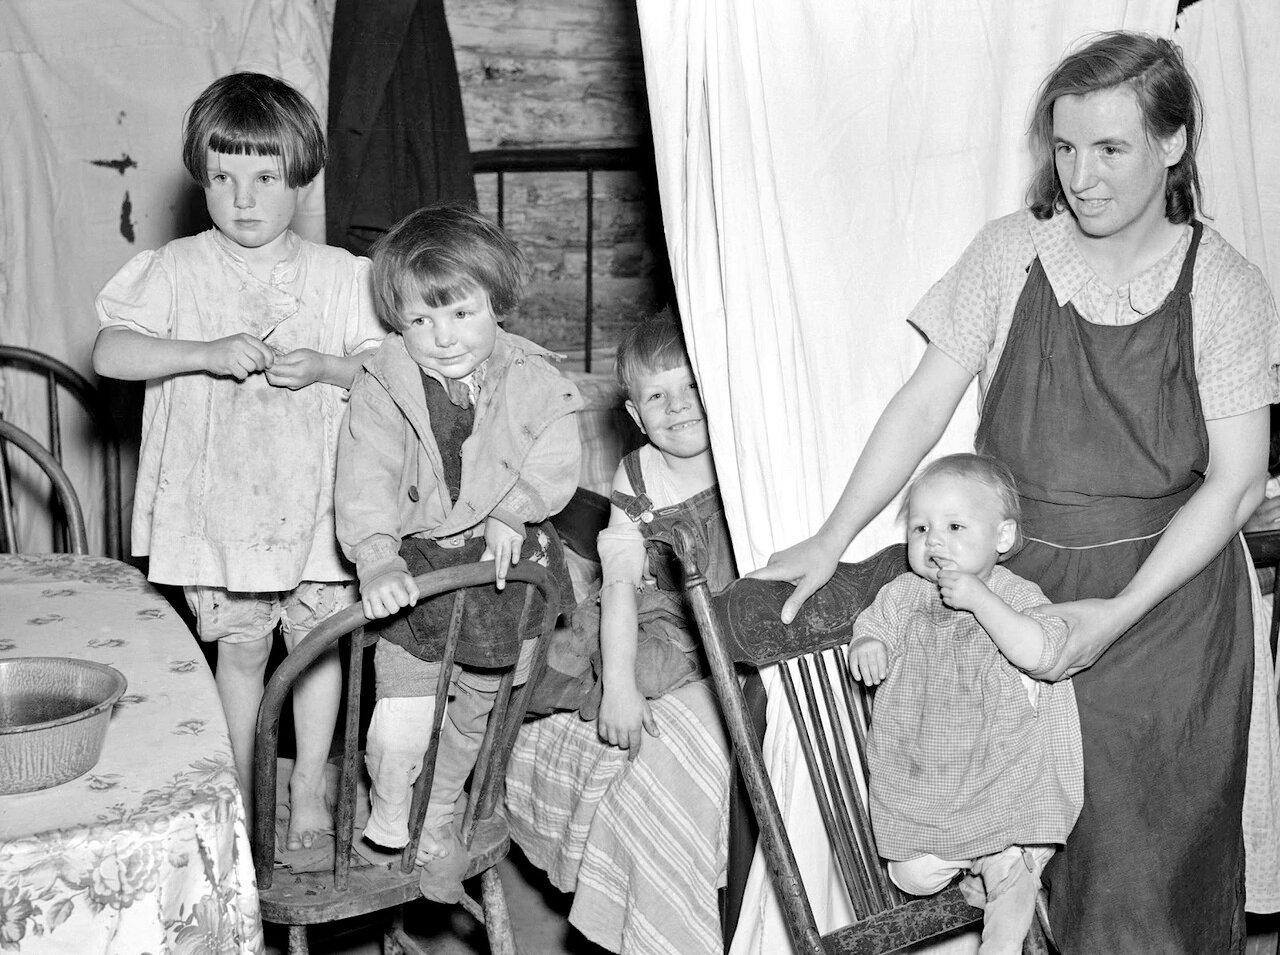 Дети дочери госпожи Бодрай в их лачуге возле Типлера, Висконсин. Занавеска отделяет переднюю часть их жидища от остального помещения, 1937